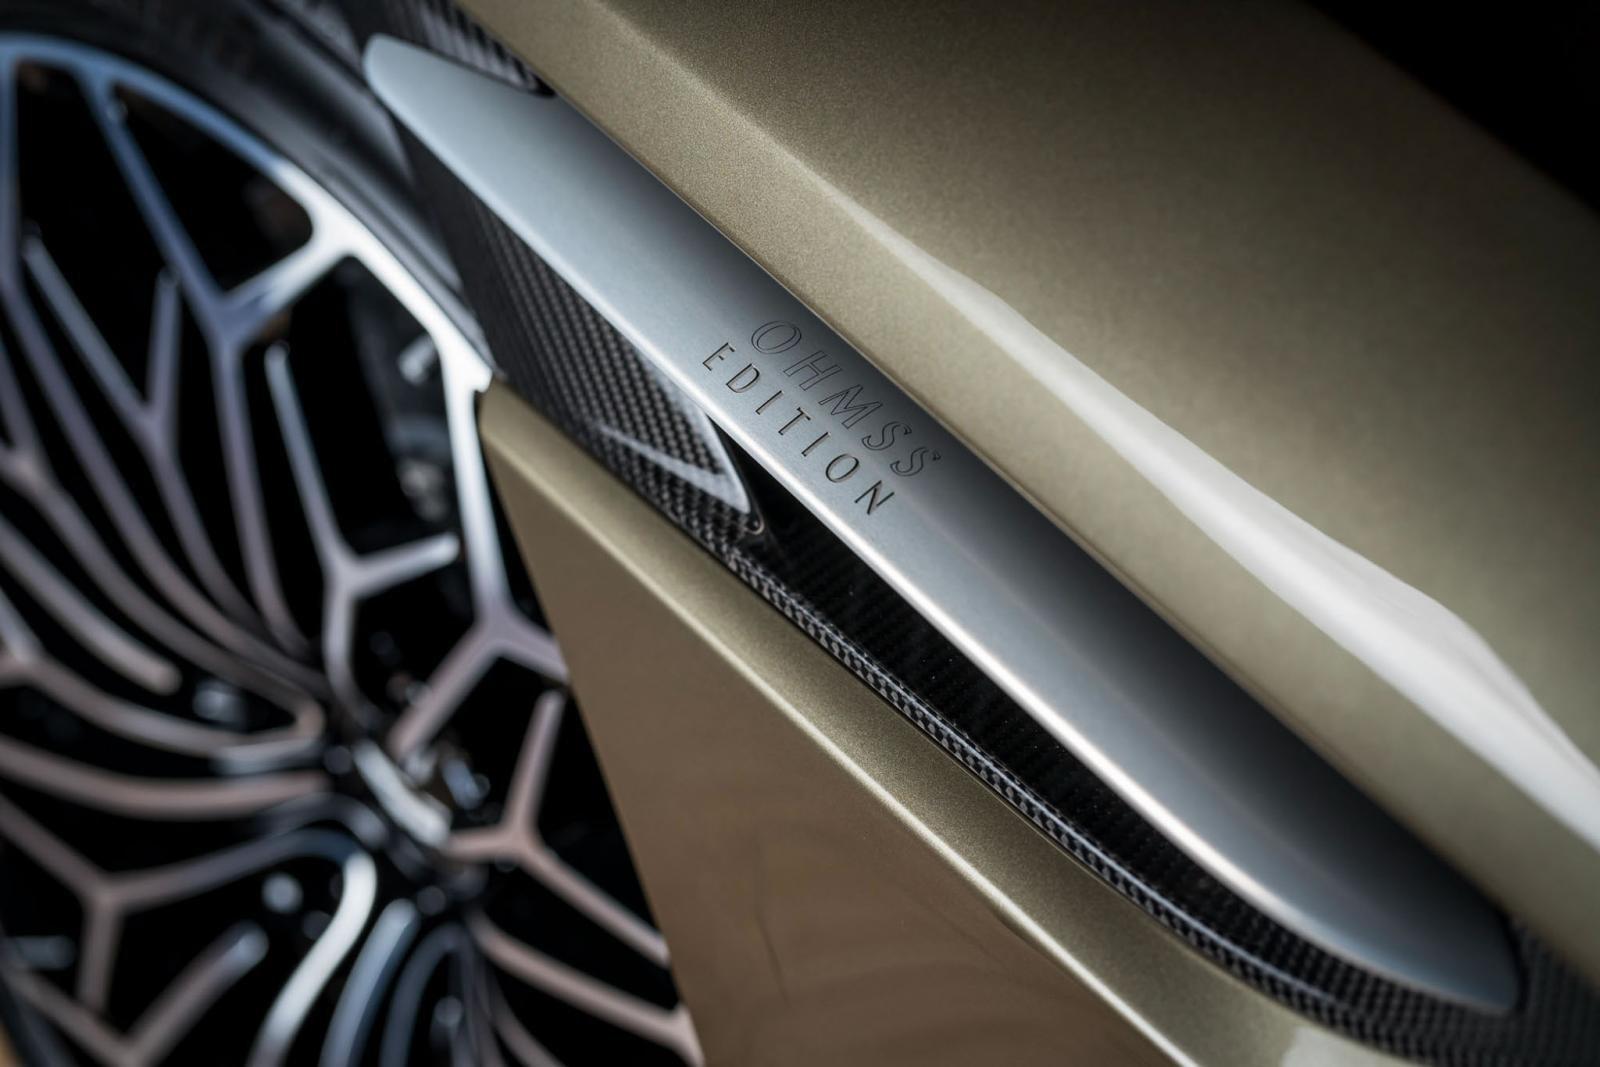 Aston Martin DBS Superleggera ''OHMSS 007 Edition'': Siêu xe lấy cảm hứng từ phim điệp viên 007 a4